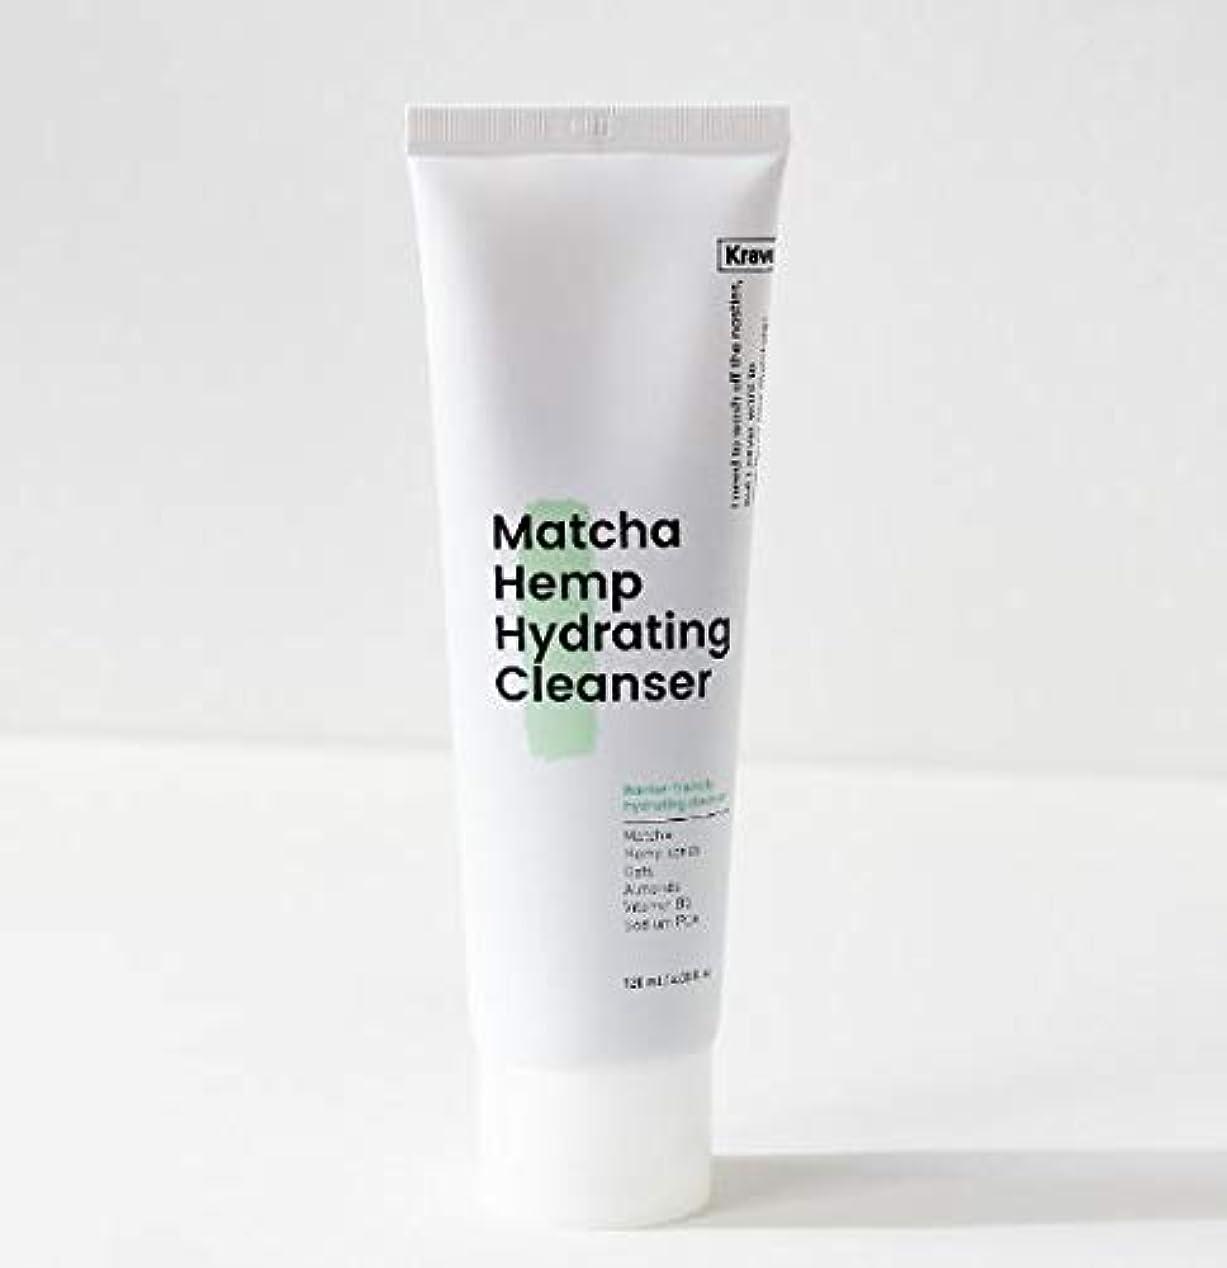 欠如木製トレイル[Krave] Matcha Hemp Hydrating Cleanser 120ml / 抹茶ハイドレイティングクレンザー120ml [並行輸入品]